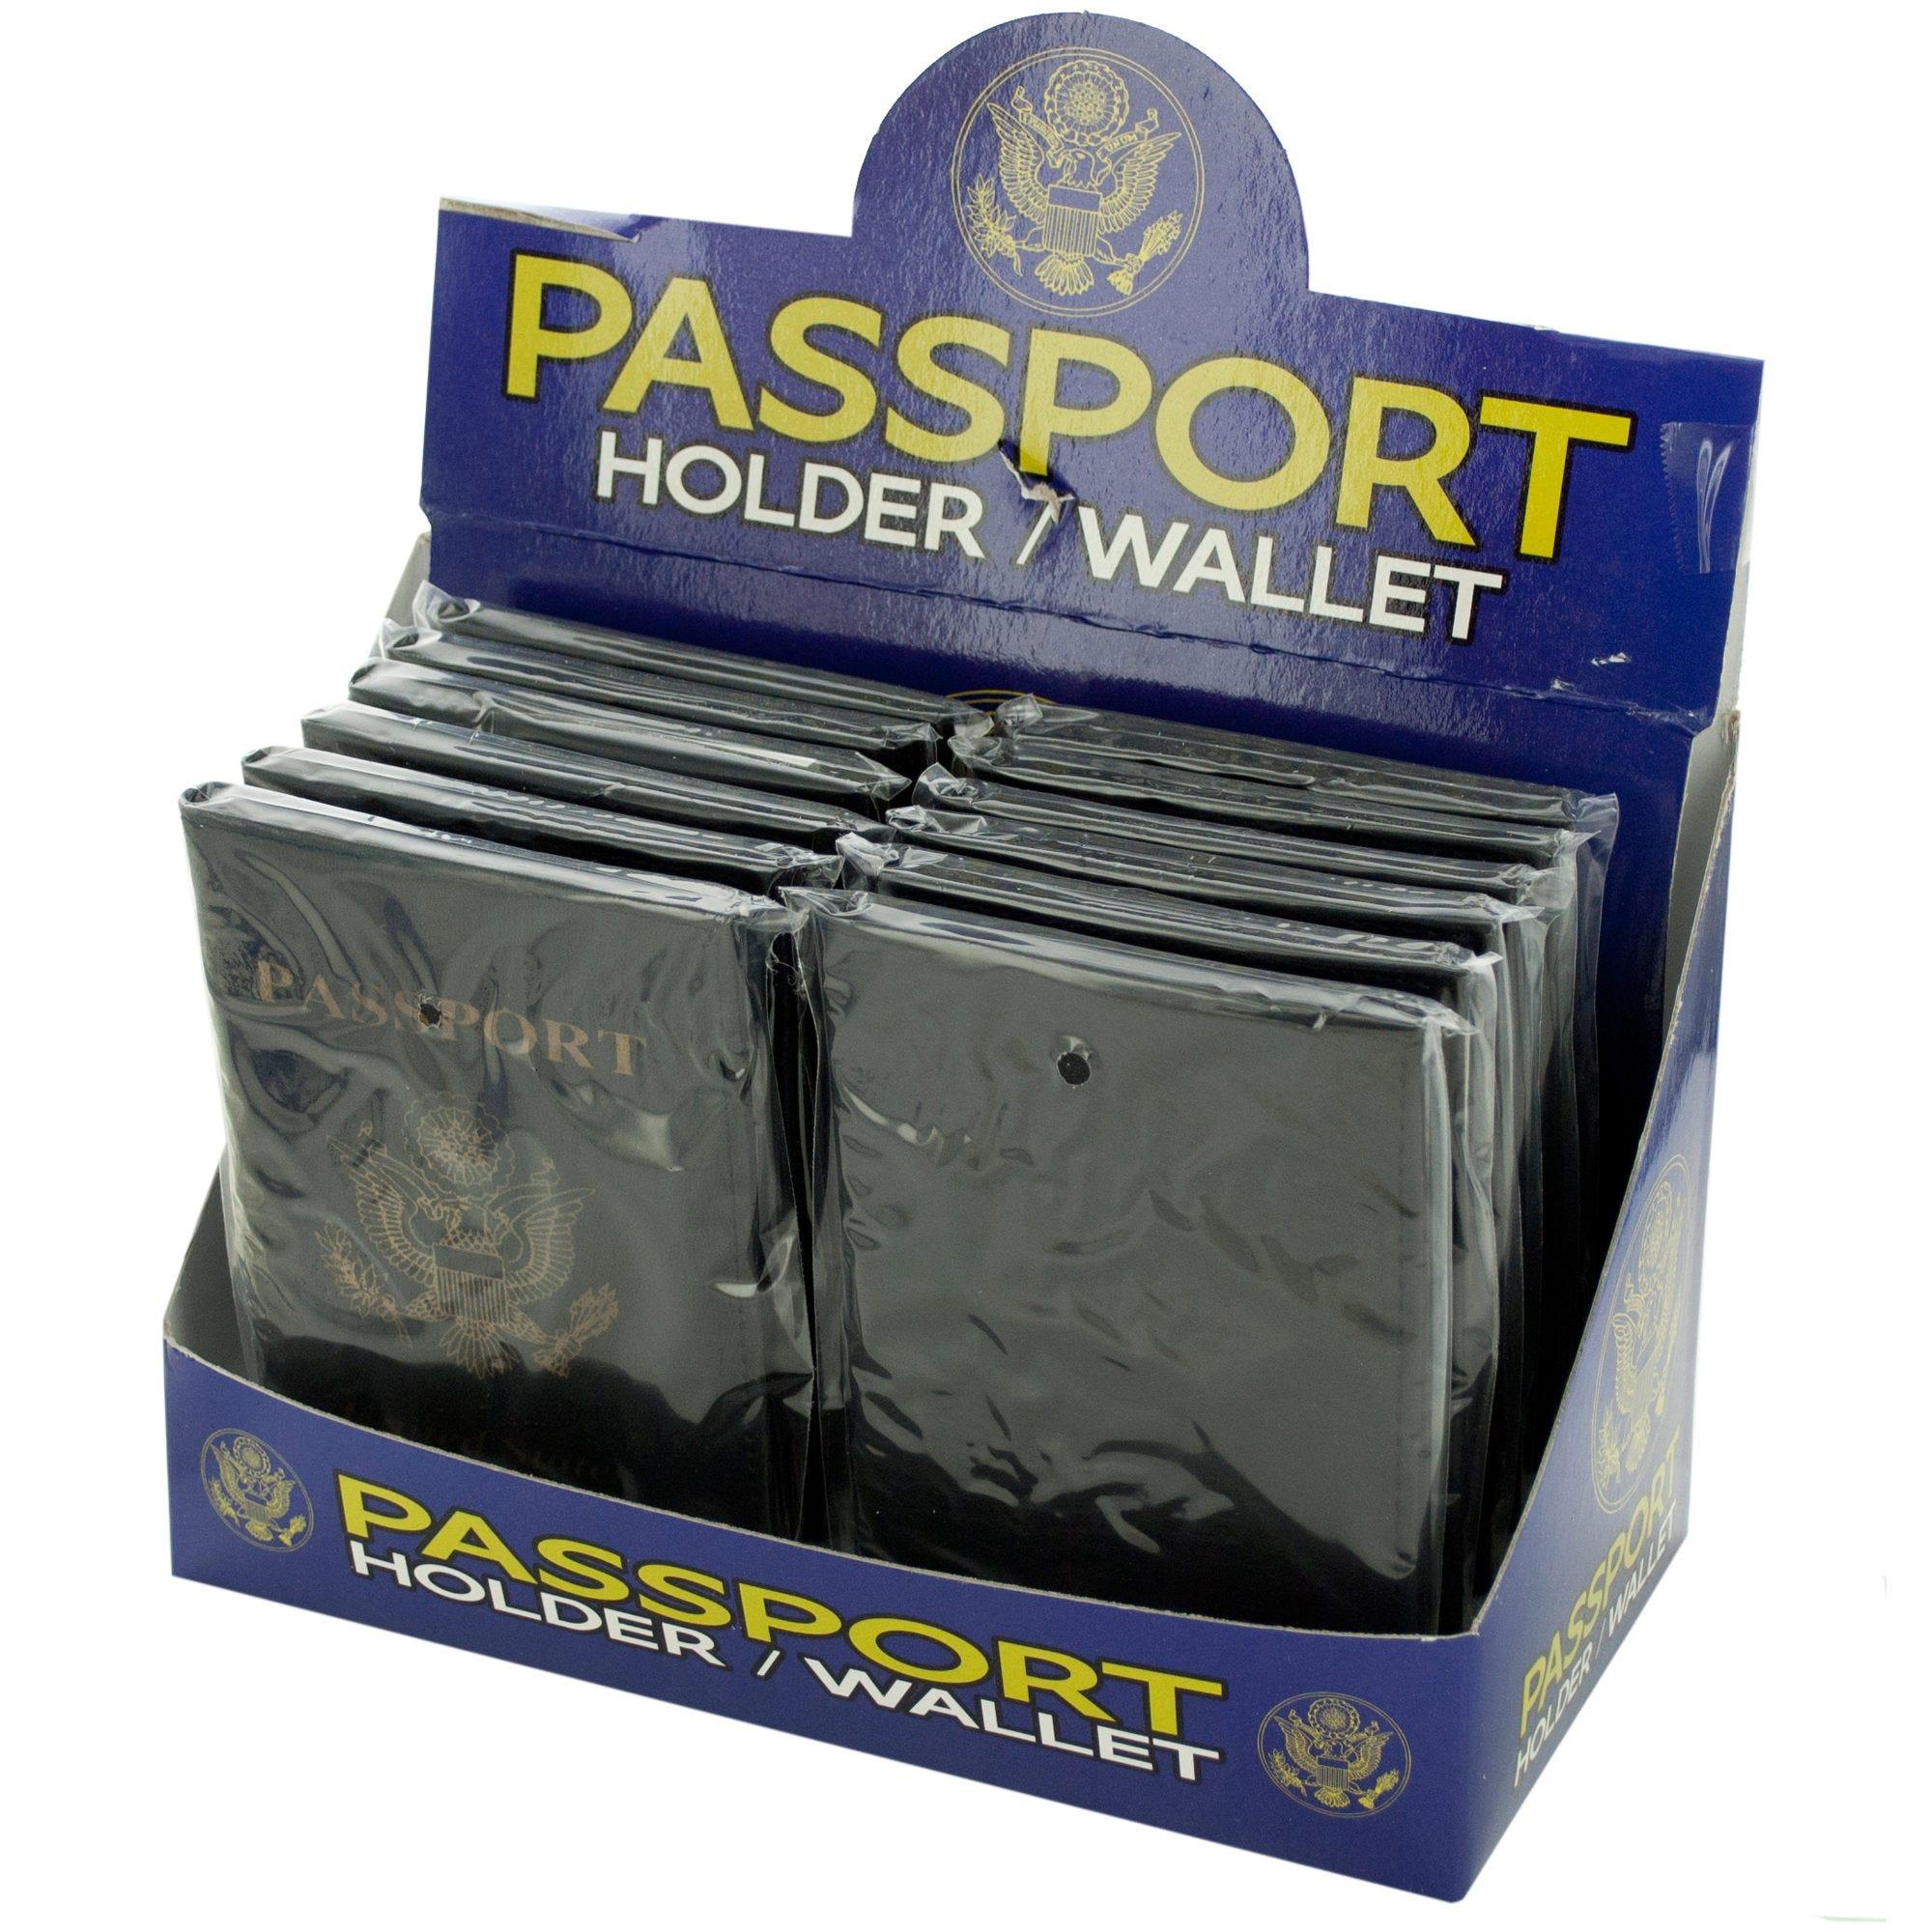 passport-holder-WALLET-countertop-display